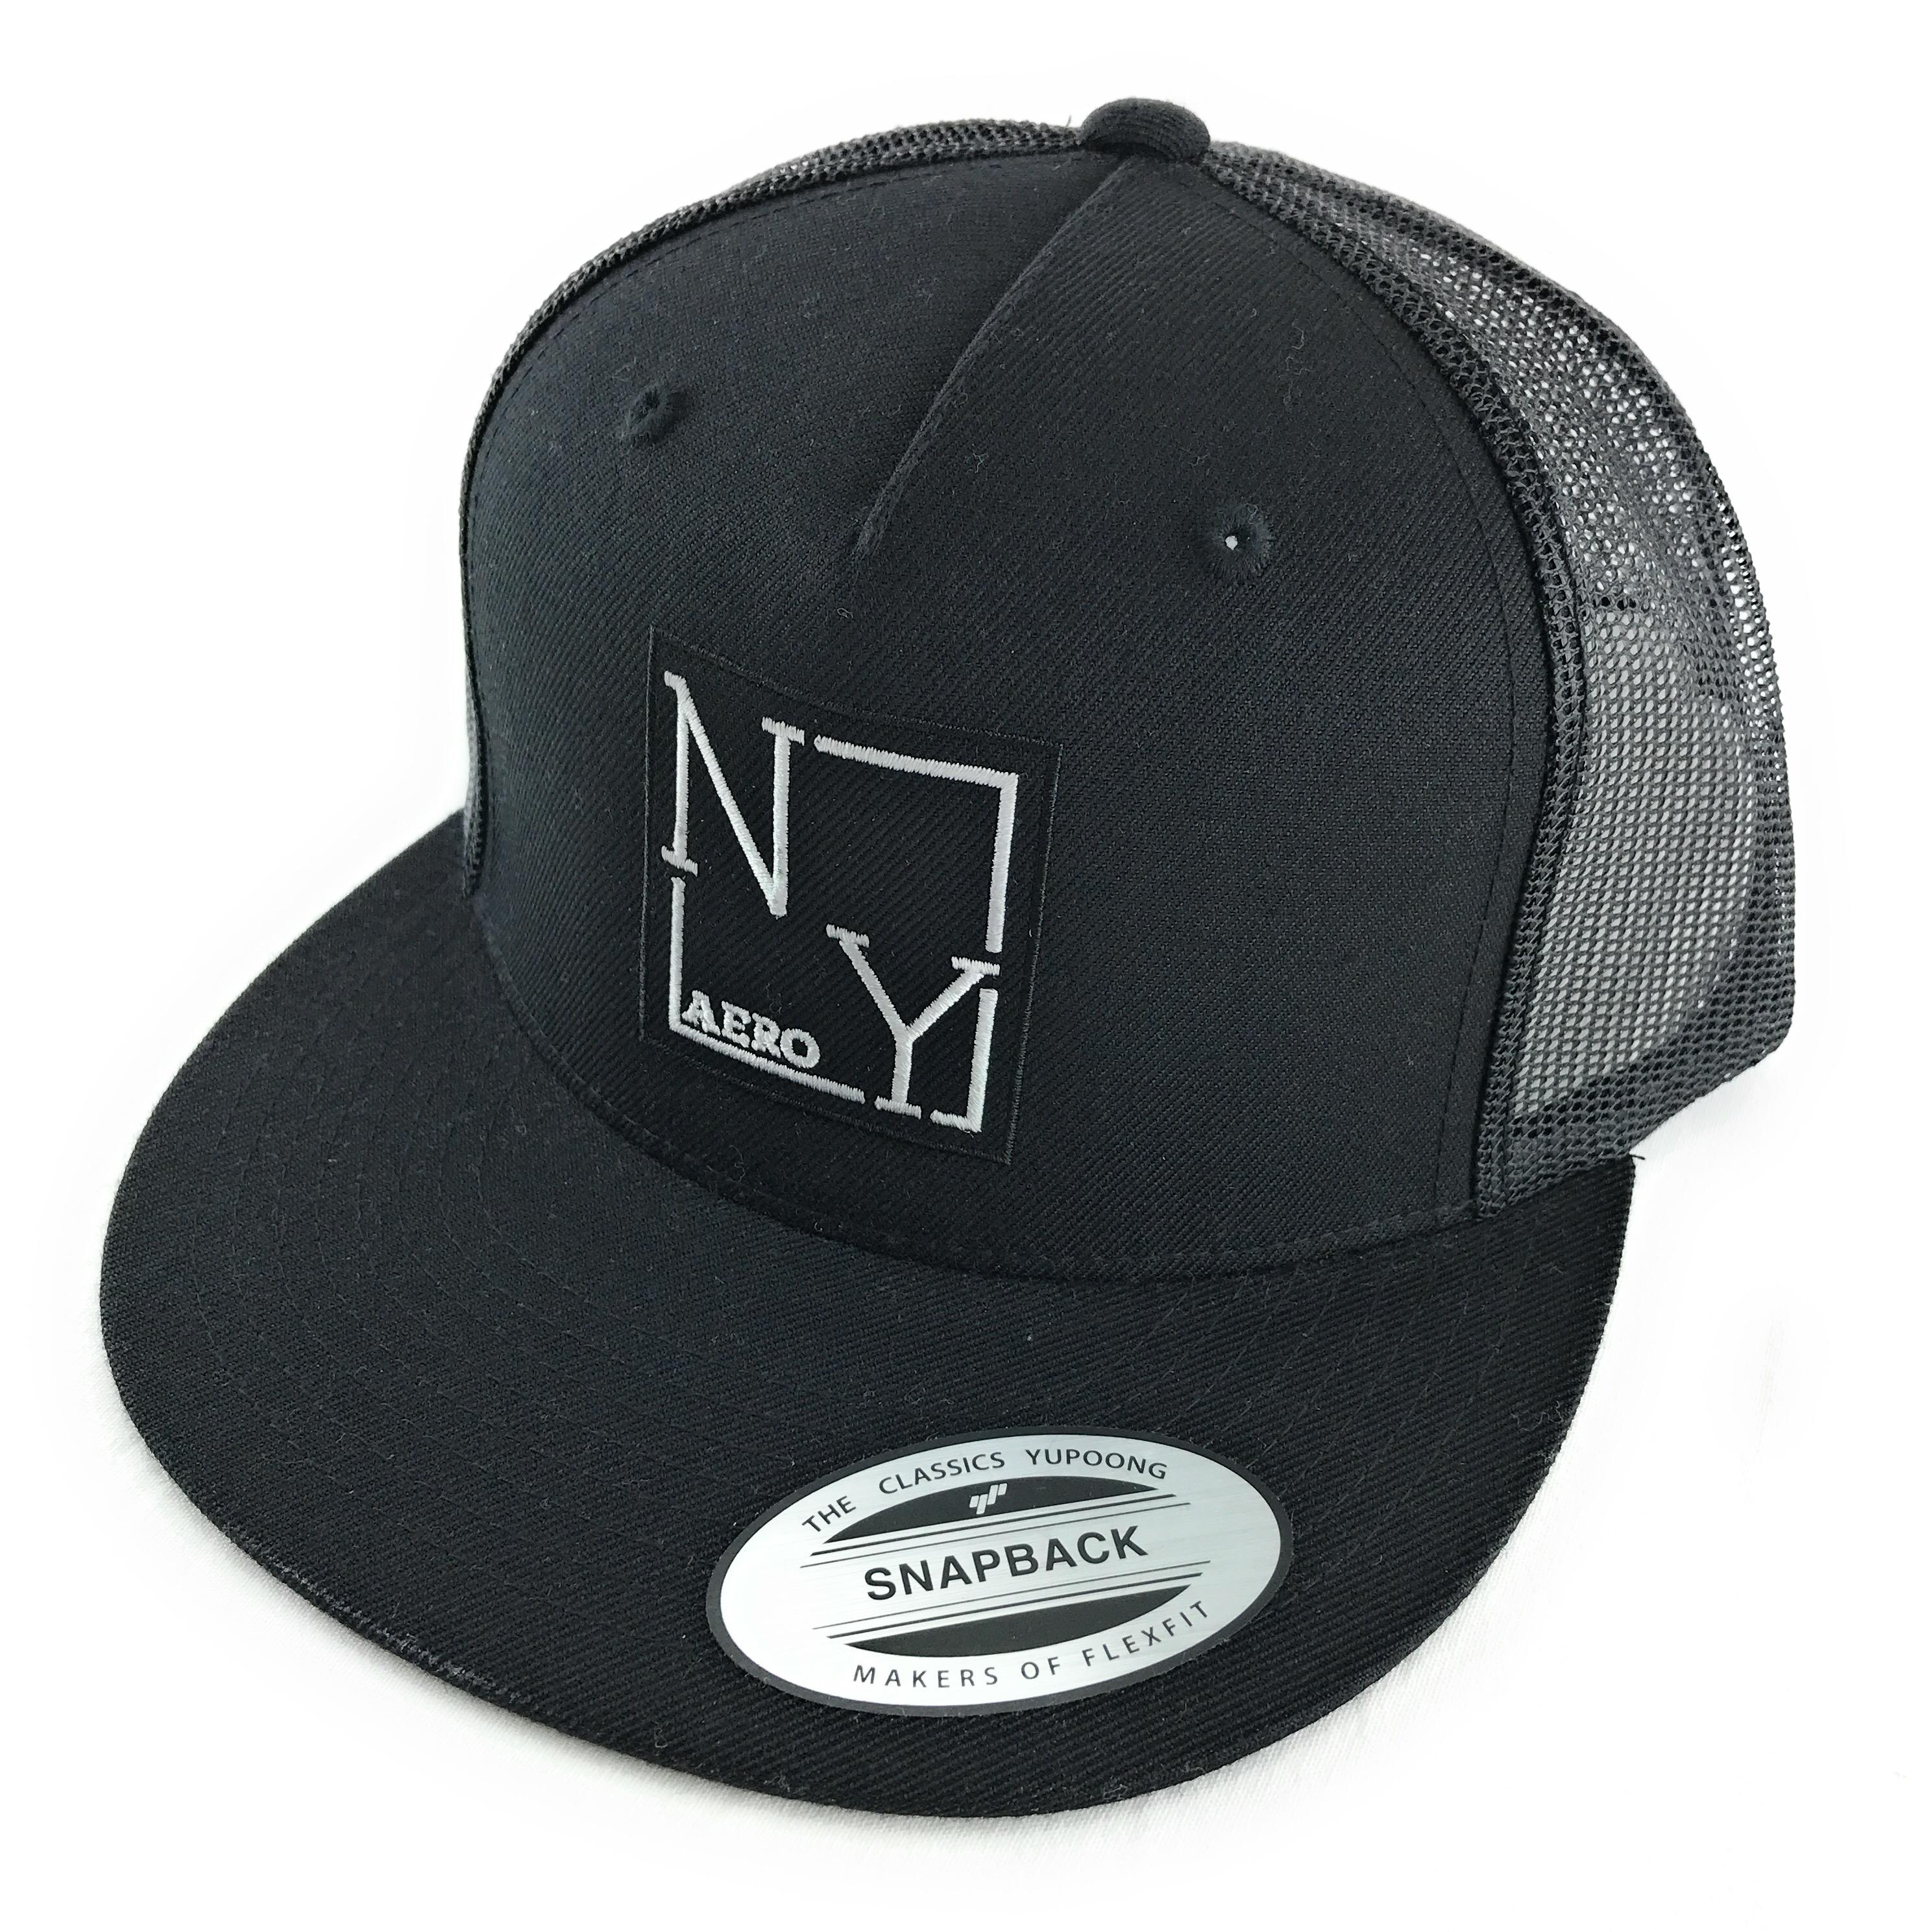 035e53ec1d8 Aeropostale Mens Hat Cap Baseball Snapback Adjustable